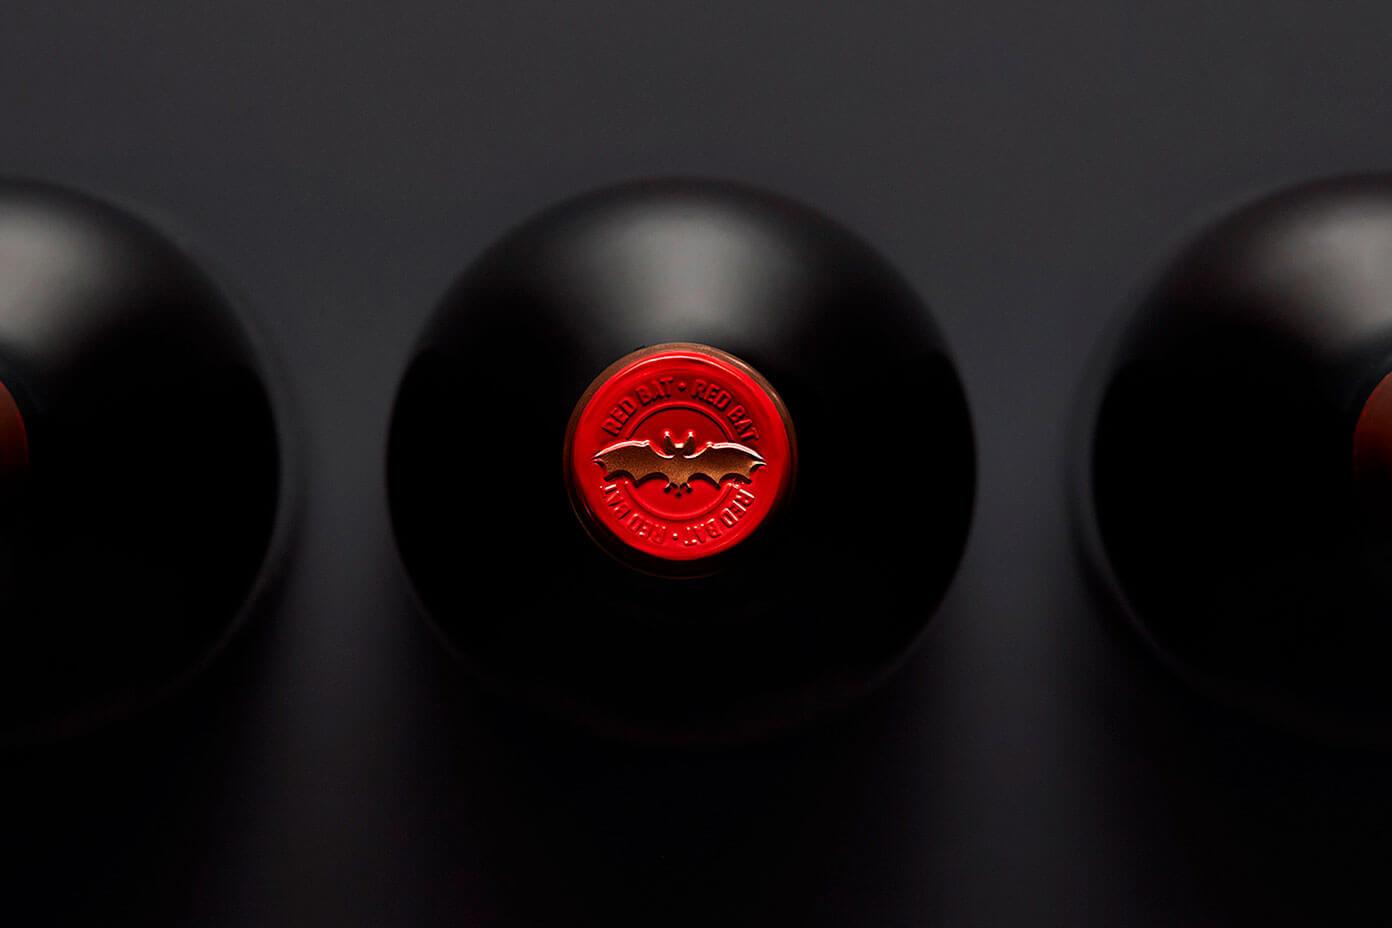 Nuestro pequeño homenaje al diseño de vinilos en la botella de Red Bat.